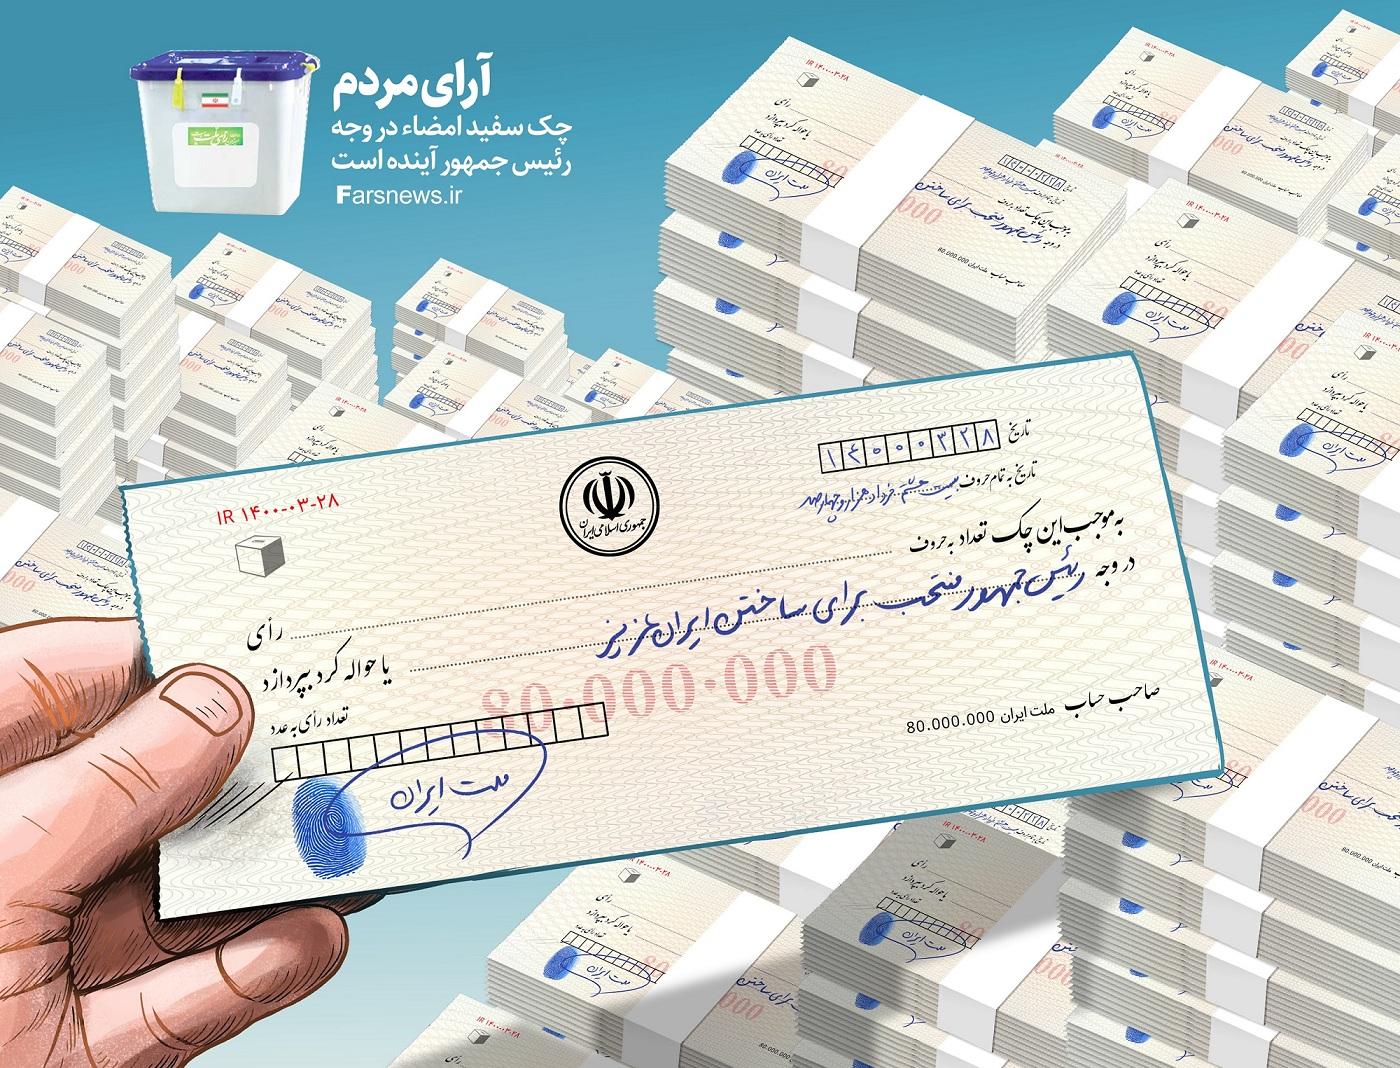 طرح/ آرای مردم، چک سفید امضاء است در وجه رئیس جمهور آینده